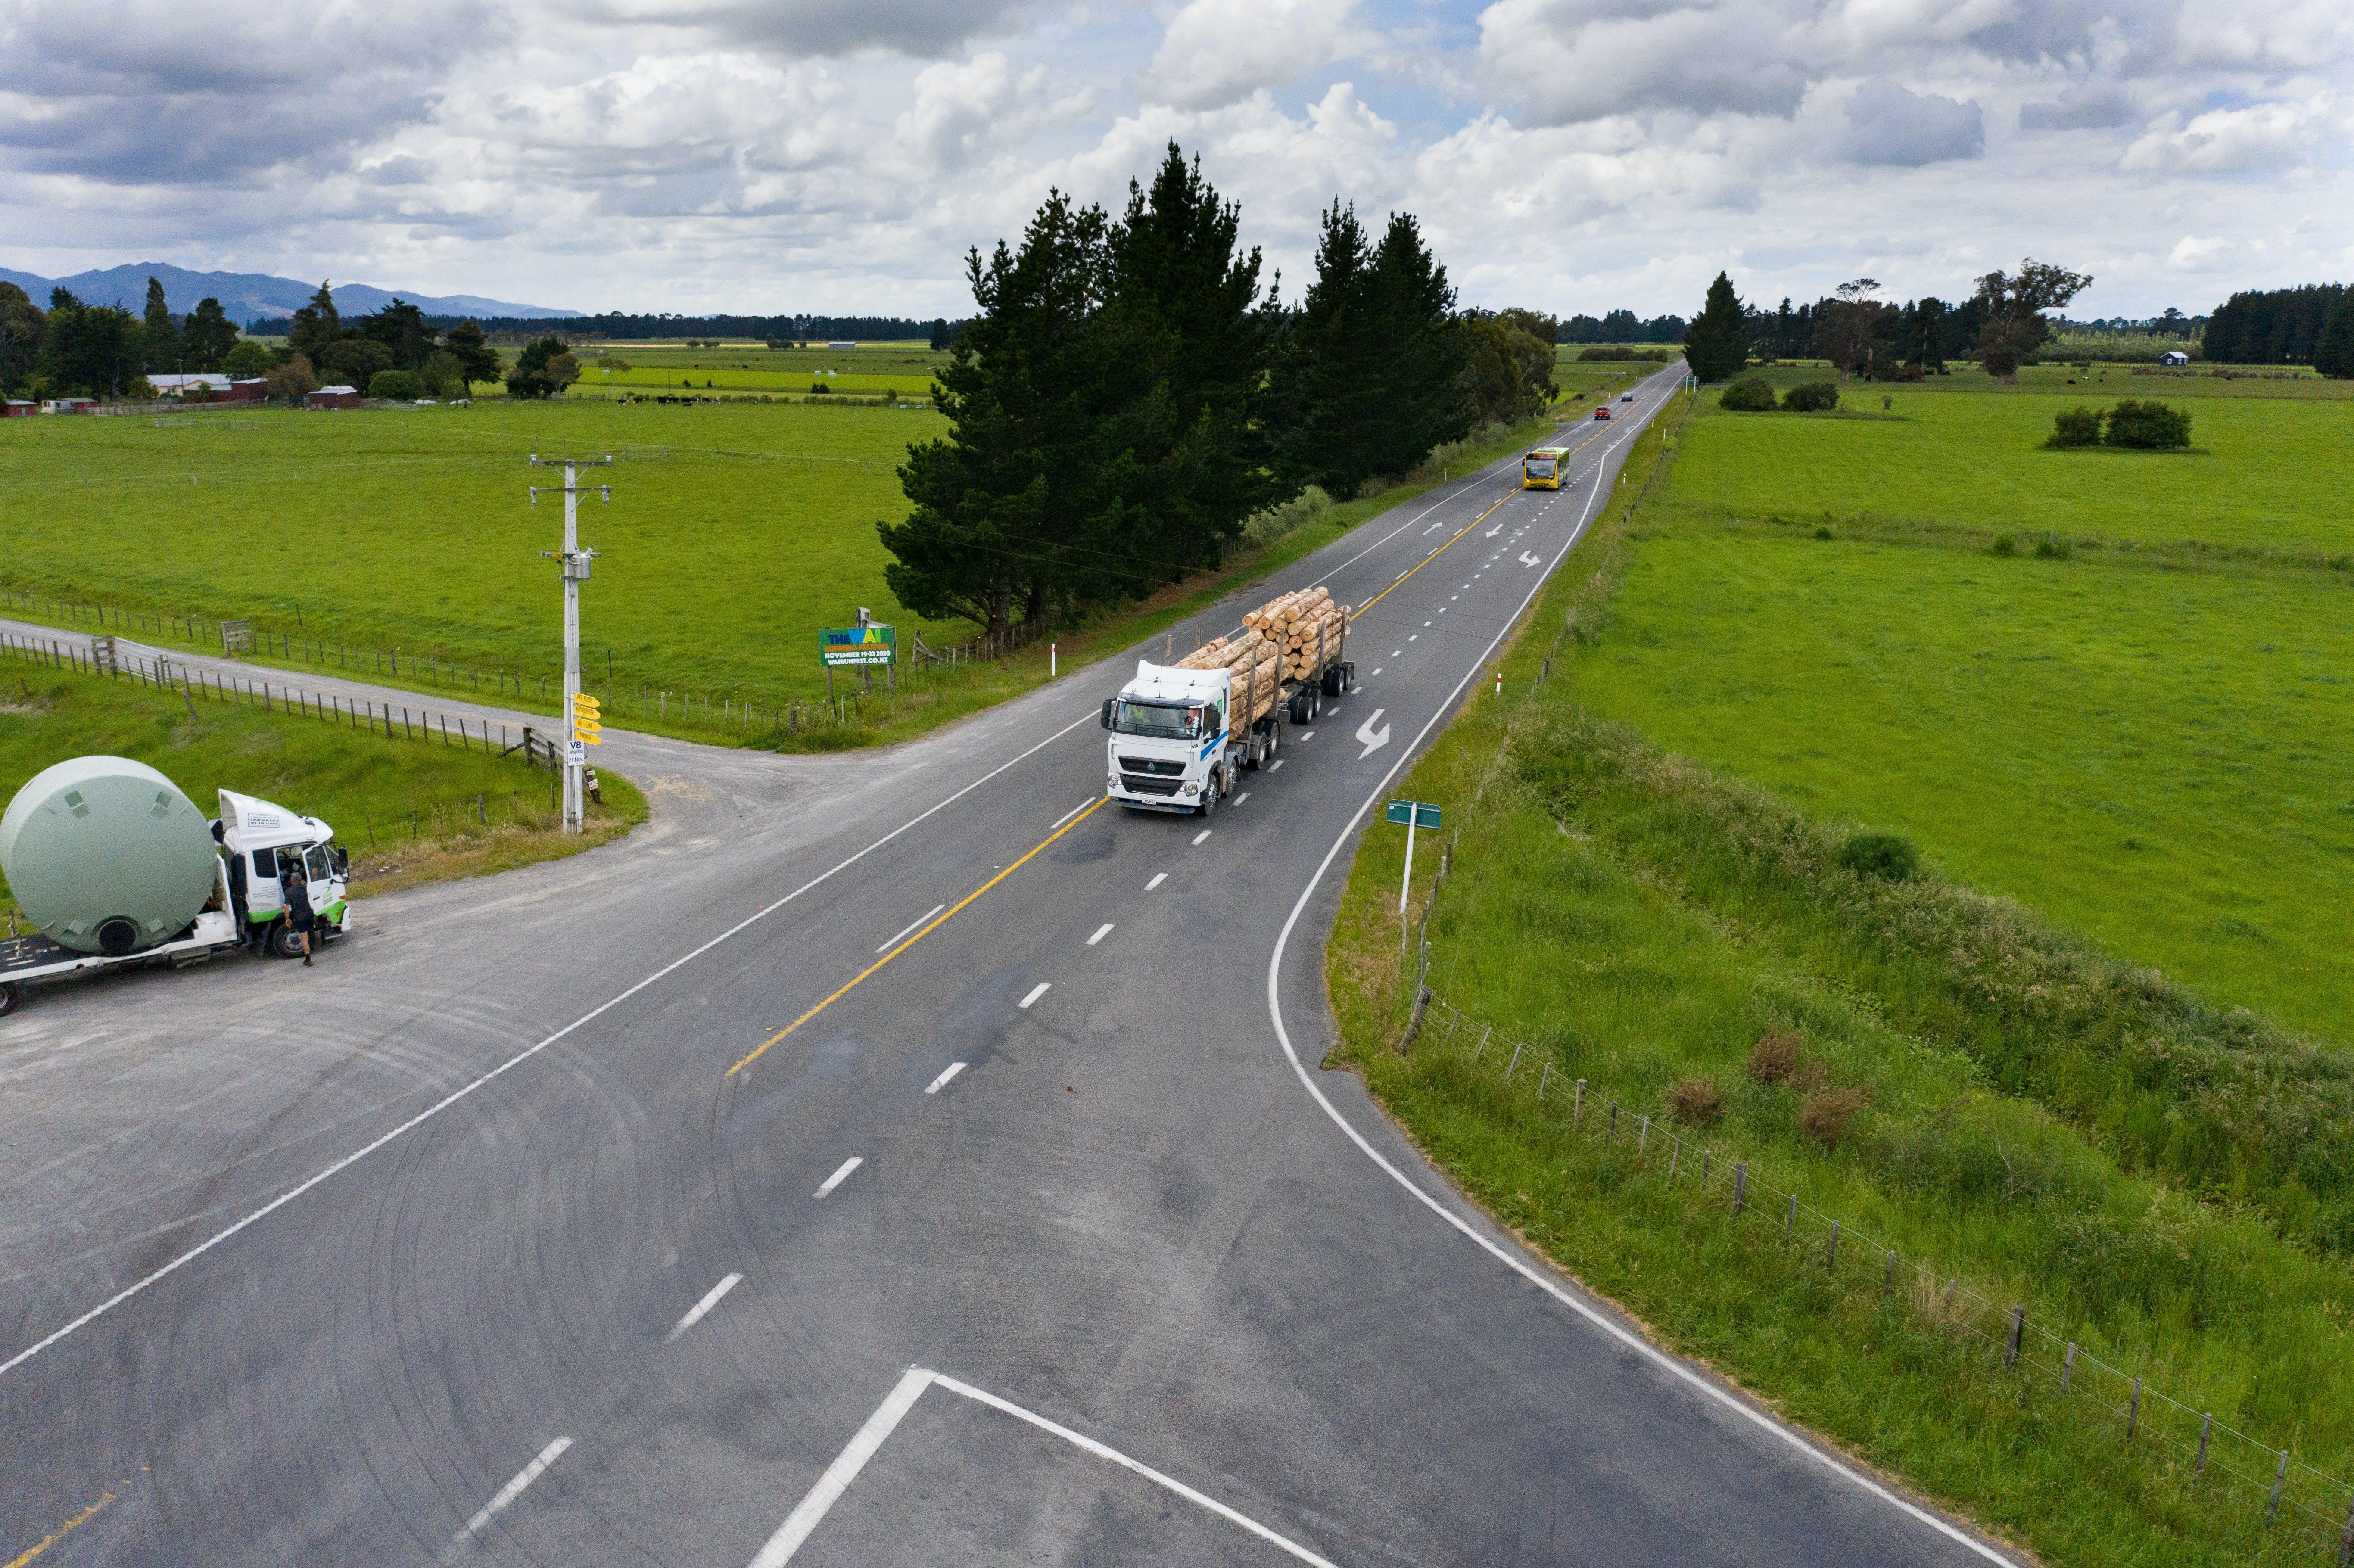 Wairarapa intersection